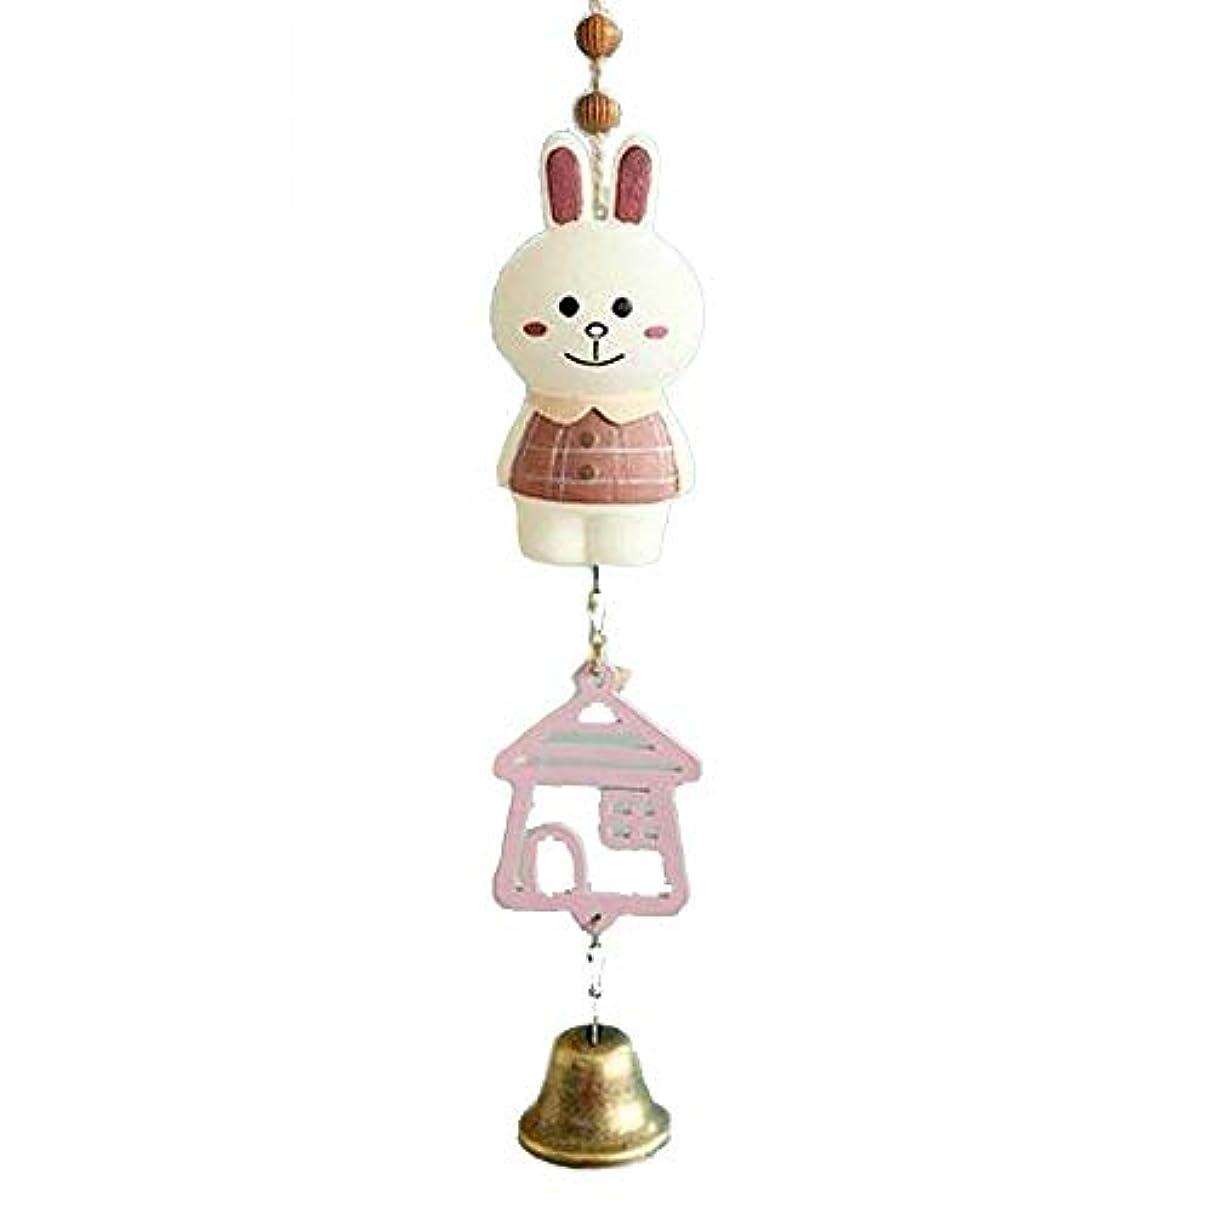 プレミア熱狂的な誠実風鈴、創造的なかわいい動物風鈴、女の子の心の誕生日プレゼント、サイズ、5 * 23センチメートル (Color : White)